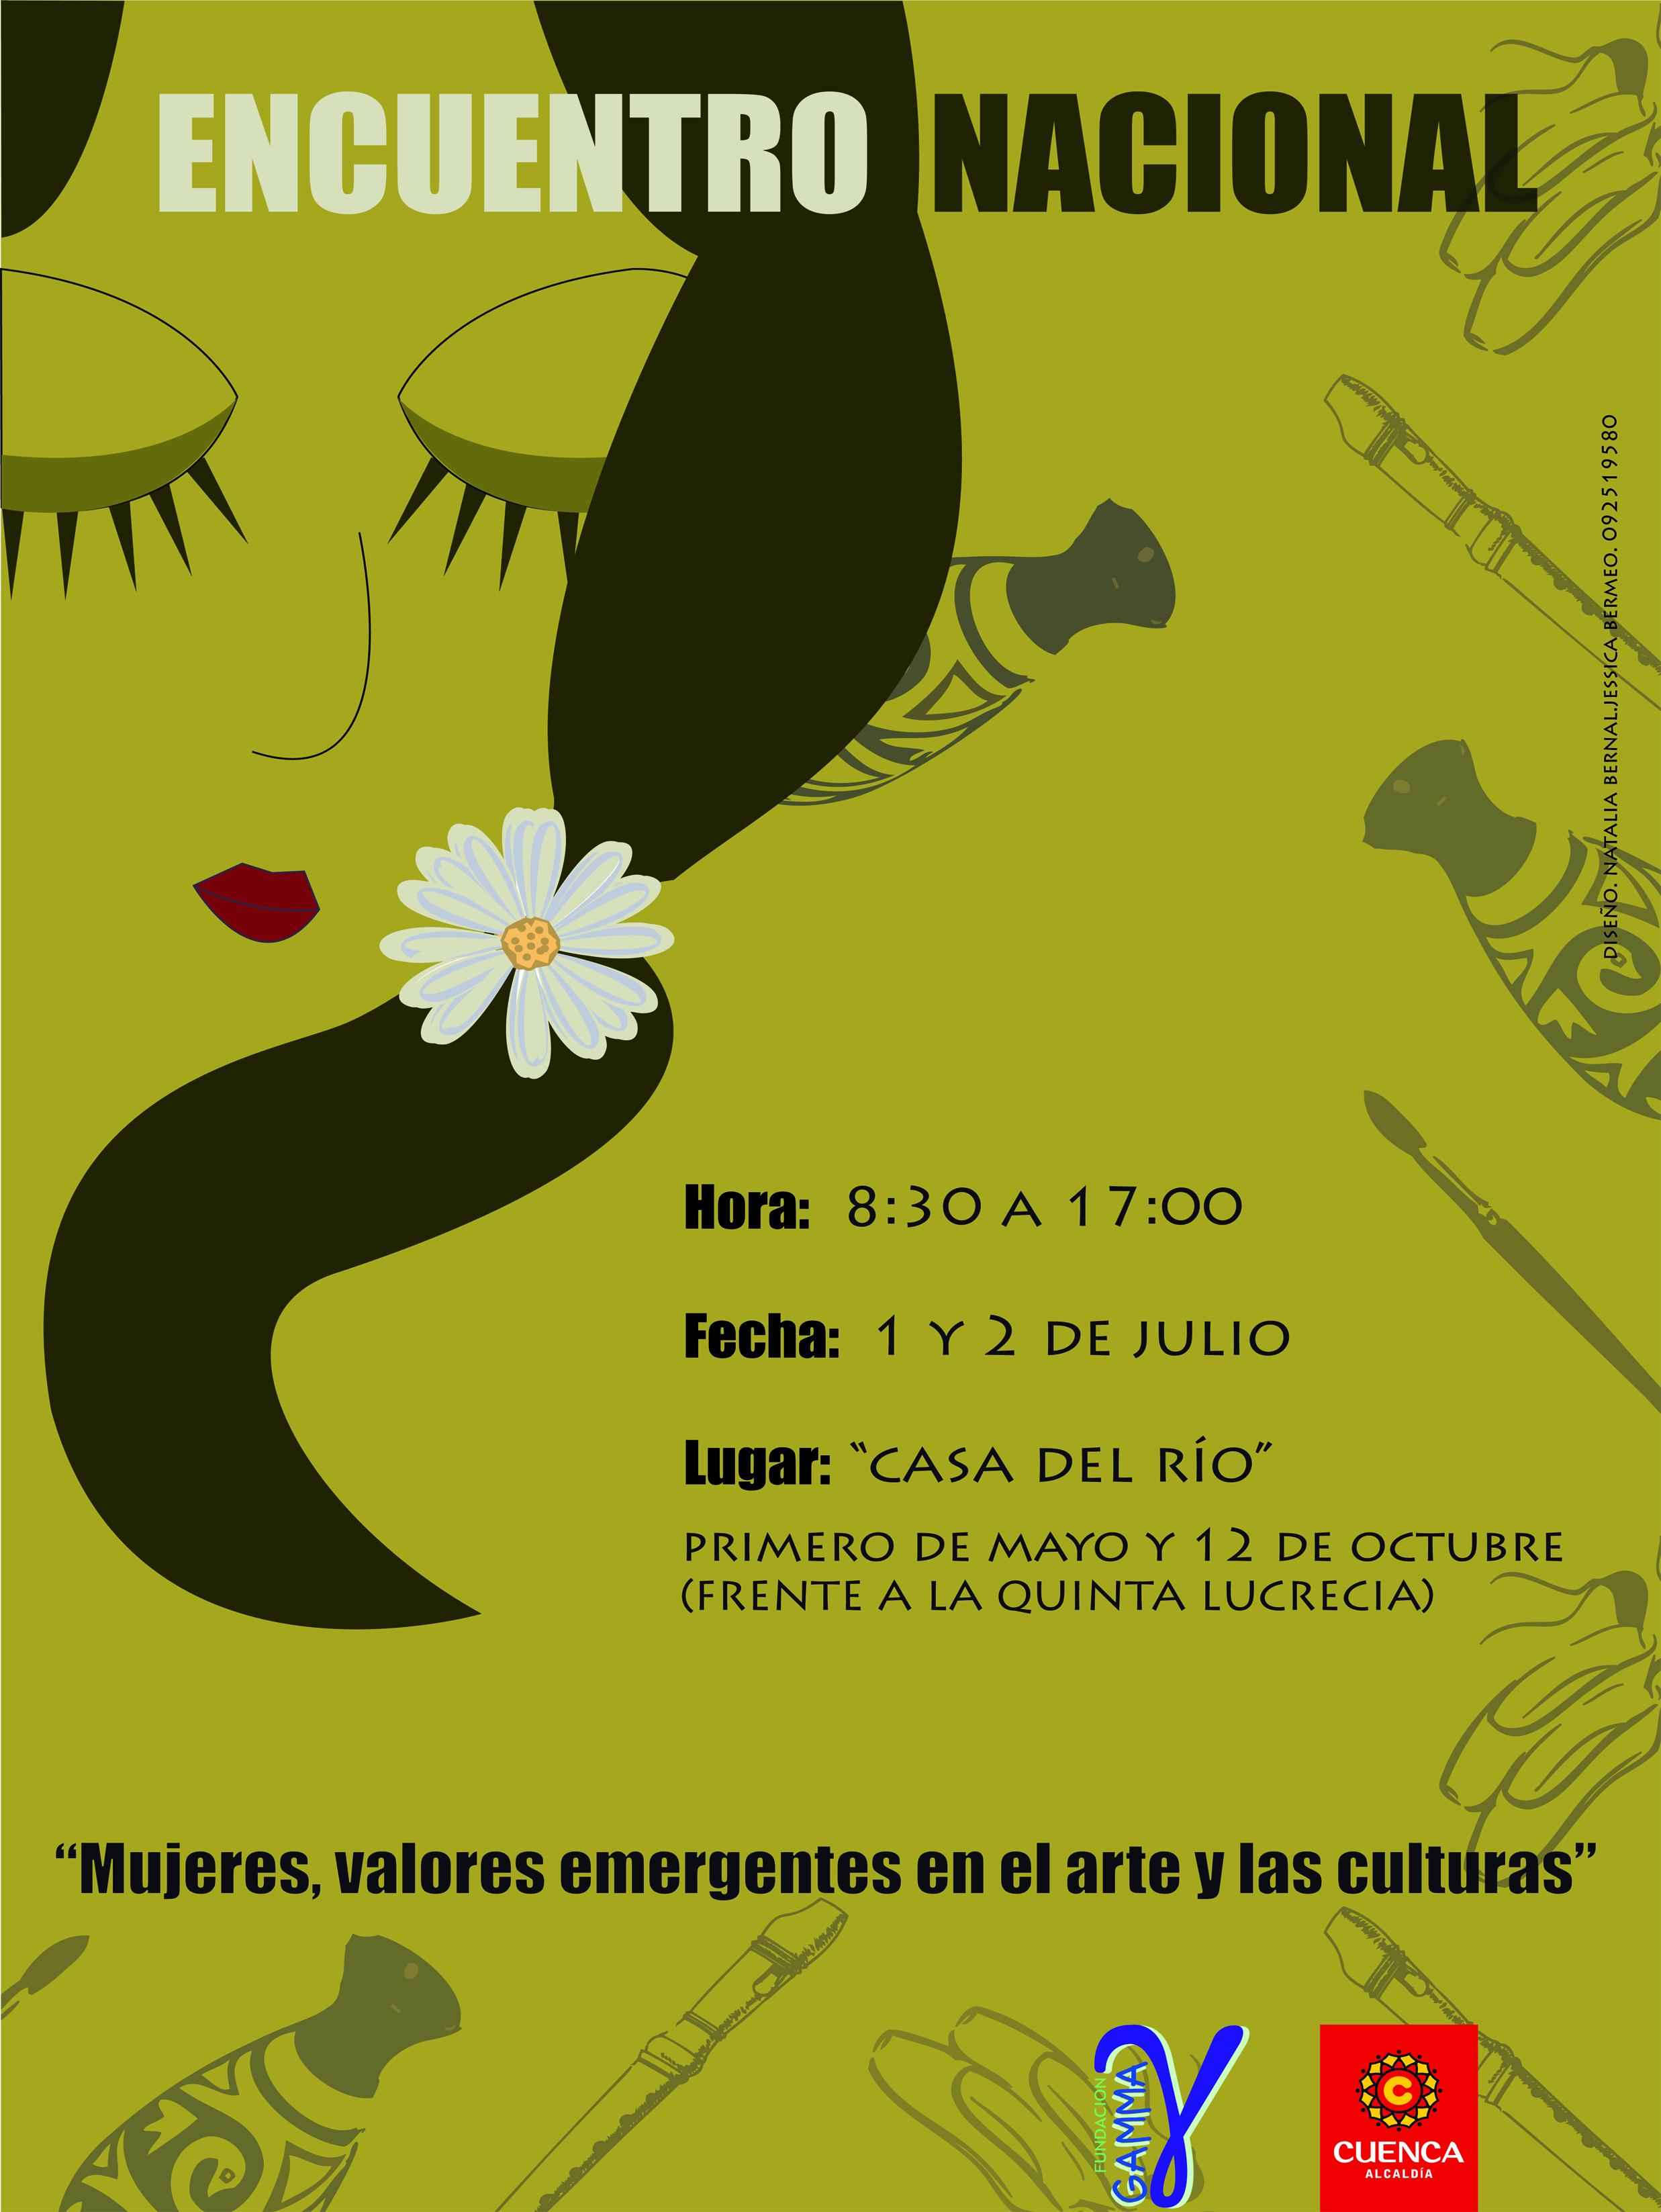 AficheEncuentroCulturacc1